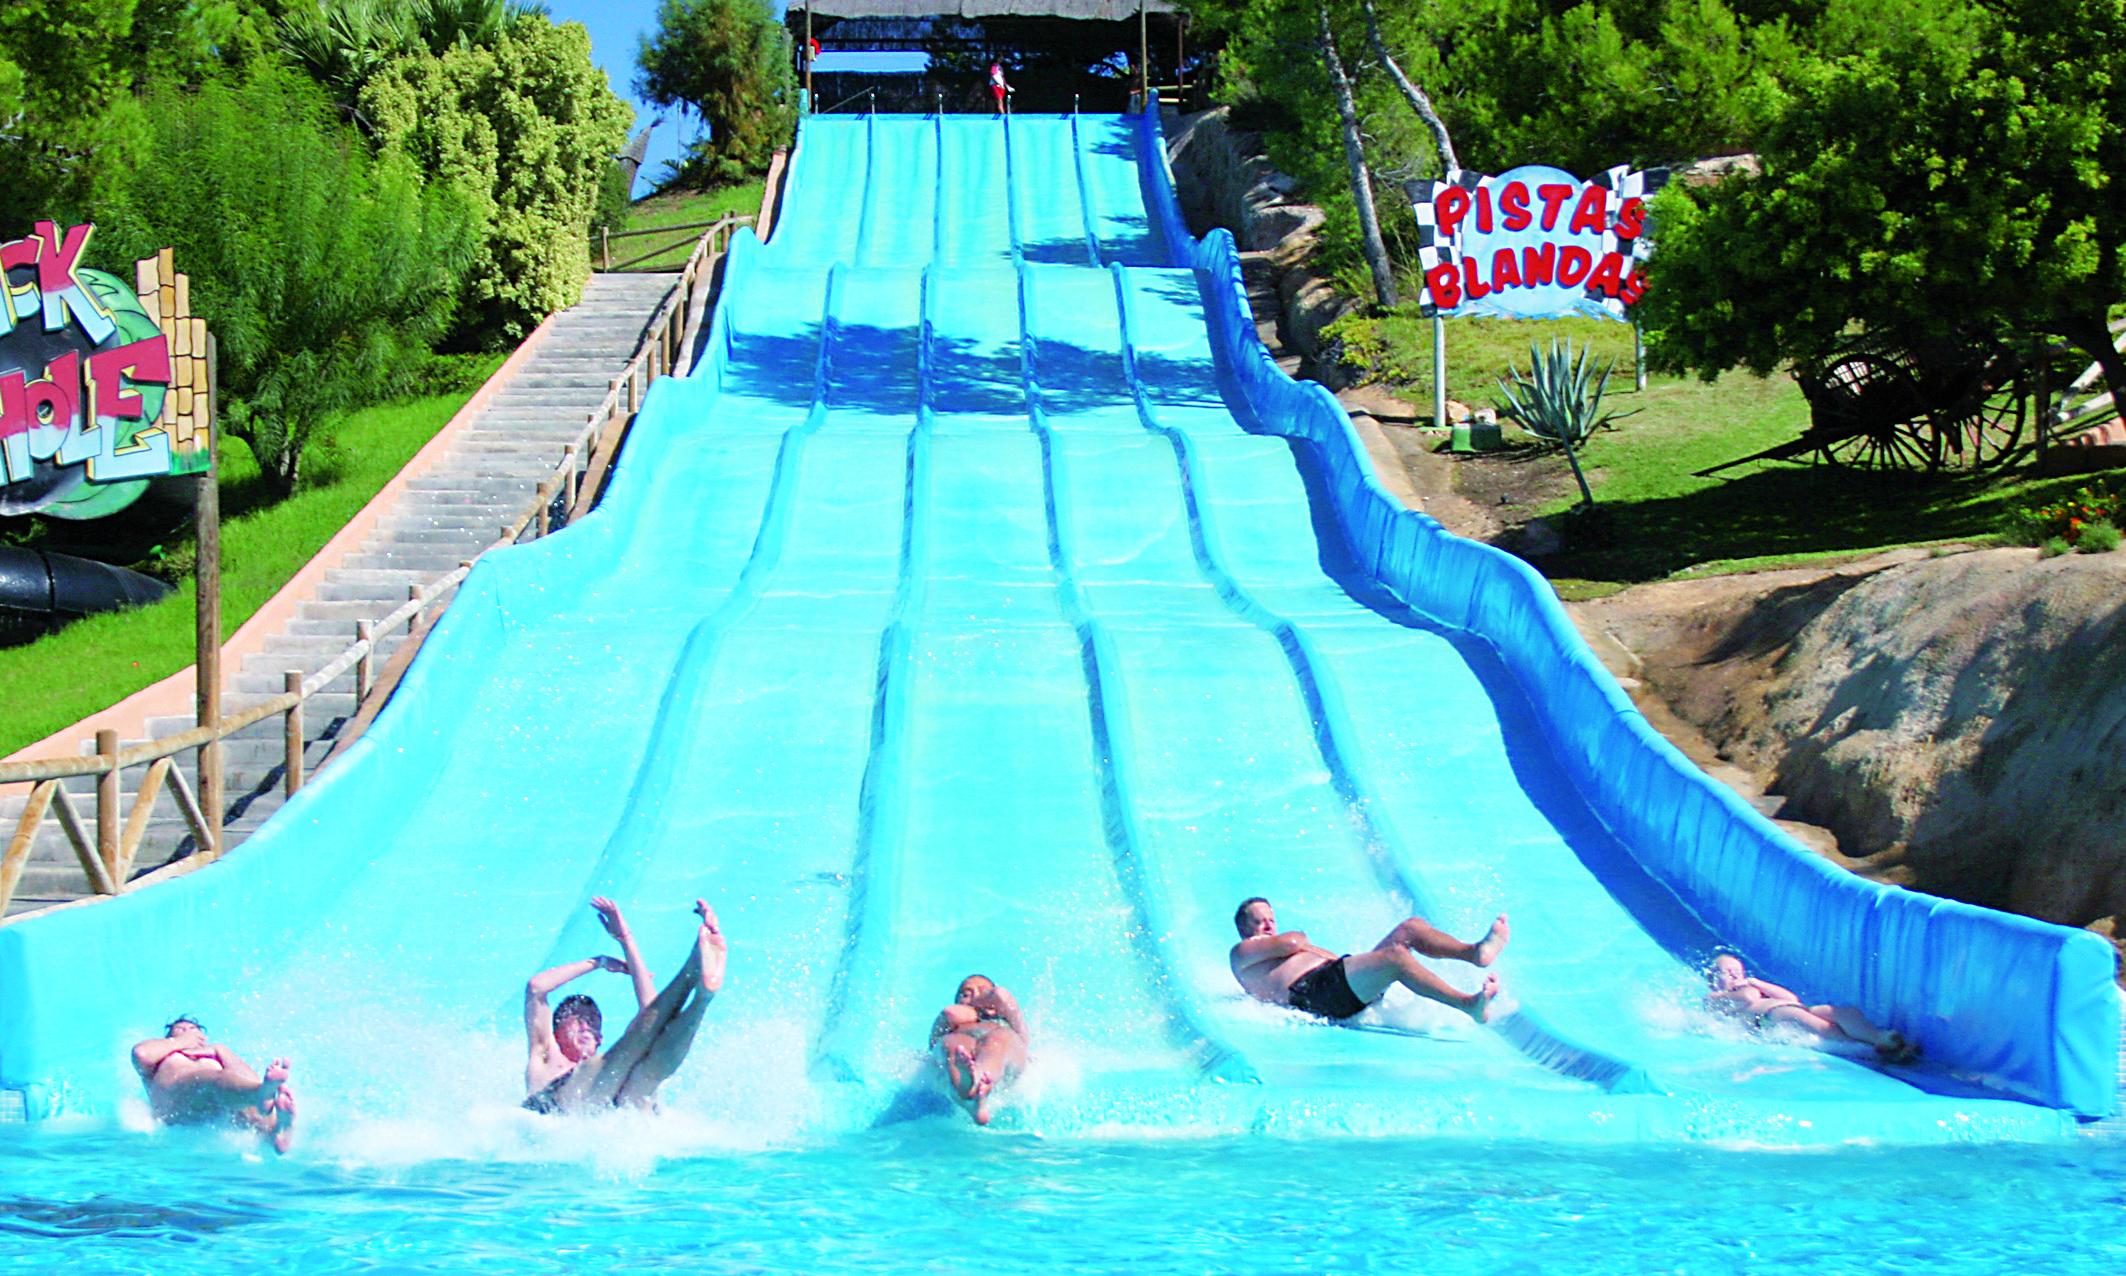 Lo que nos gusta lanzarnos a la piscina que mejor que for Piscinas con toboganes